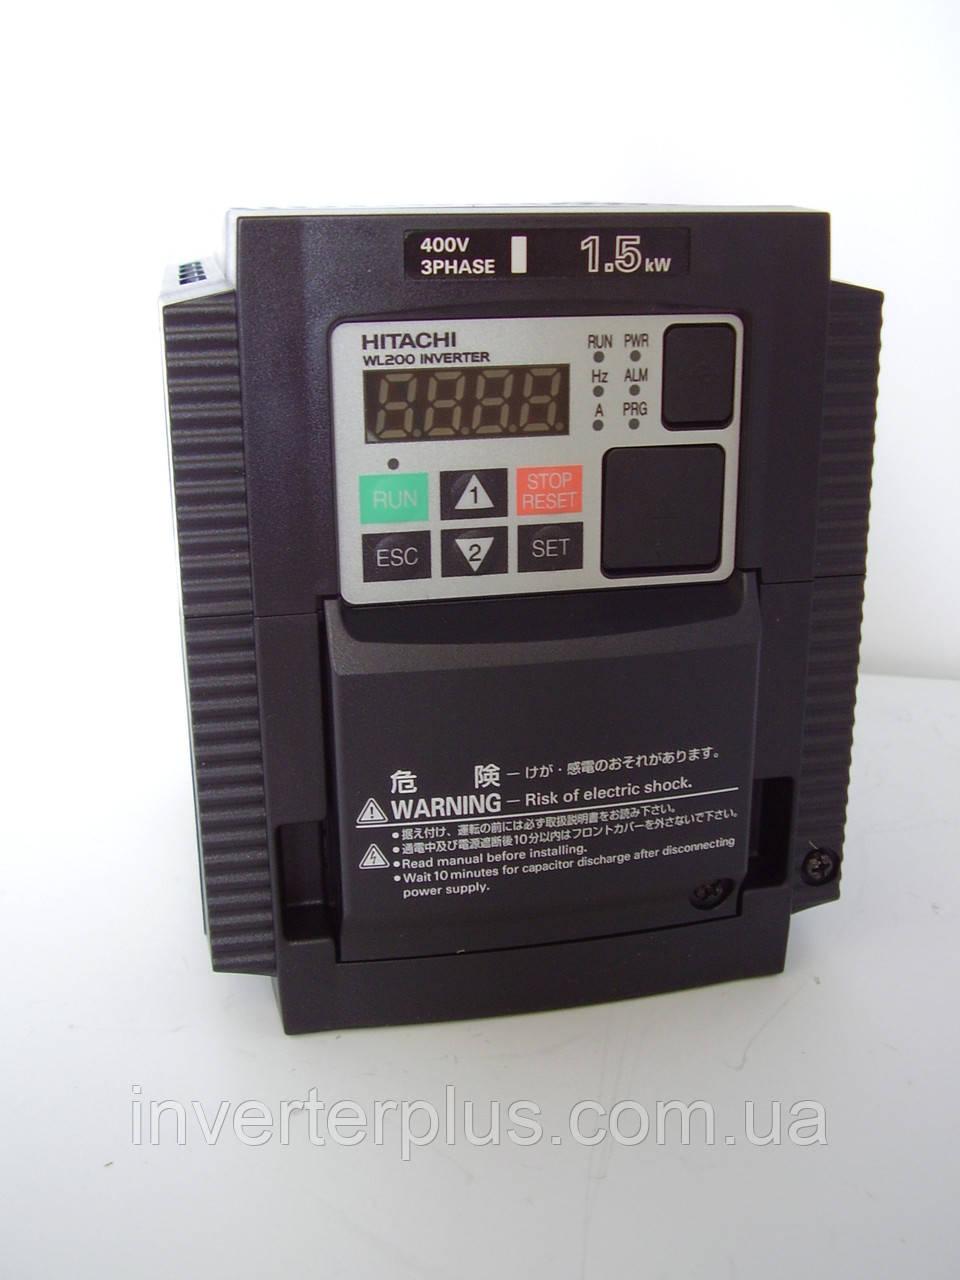 WL200-015НFE; 1,5кВт/380В. Інвертор Hitachi